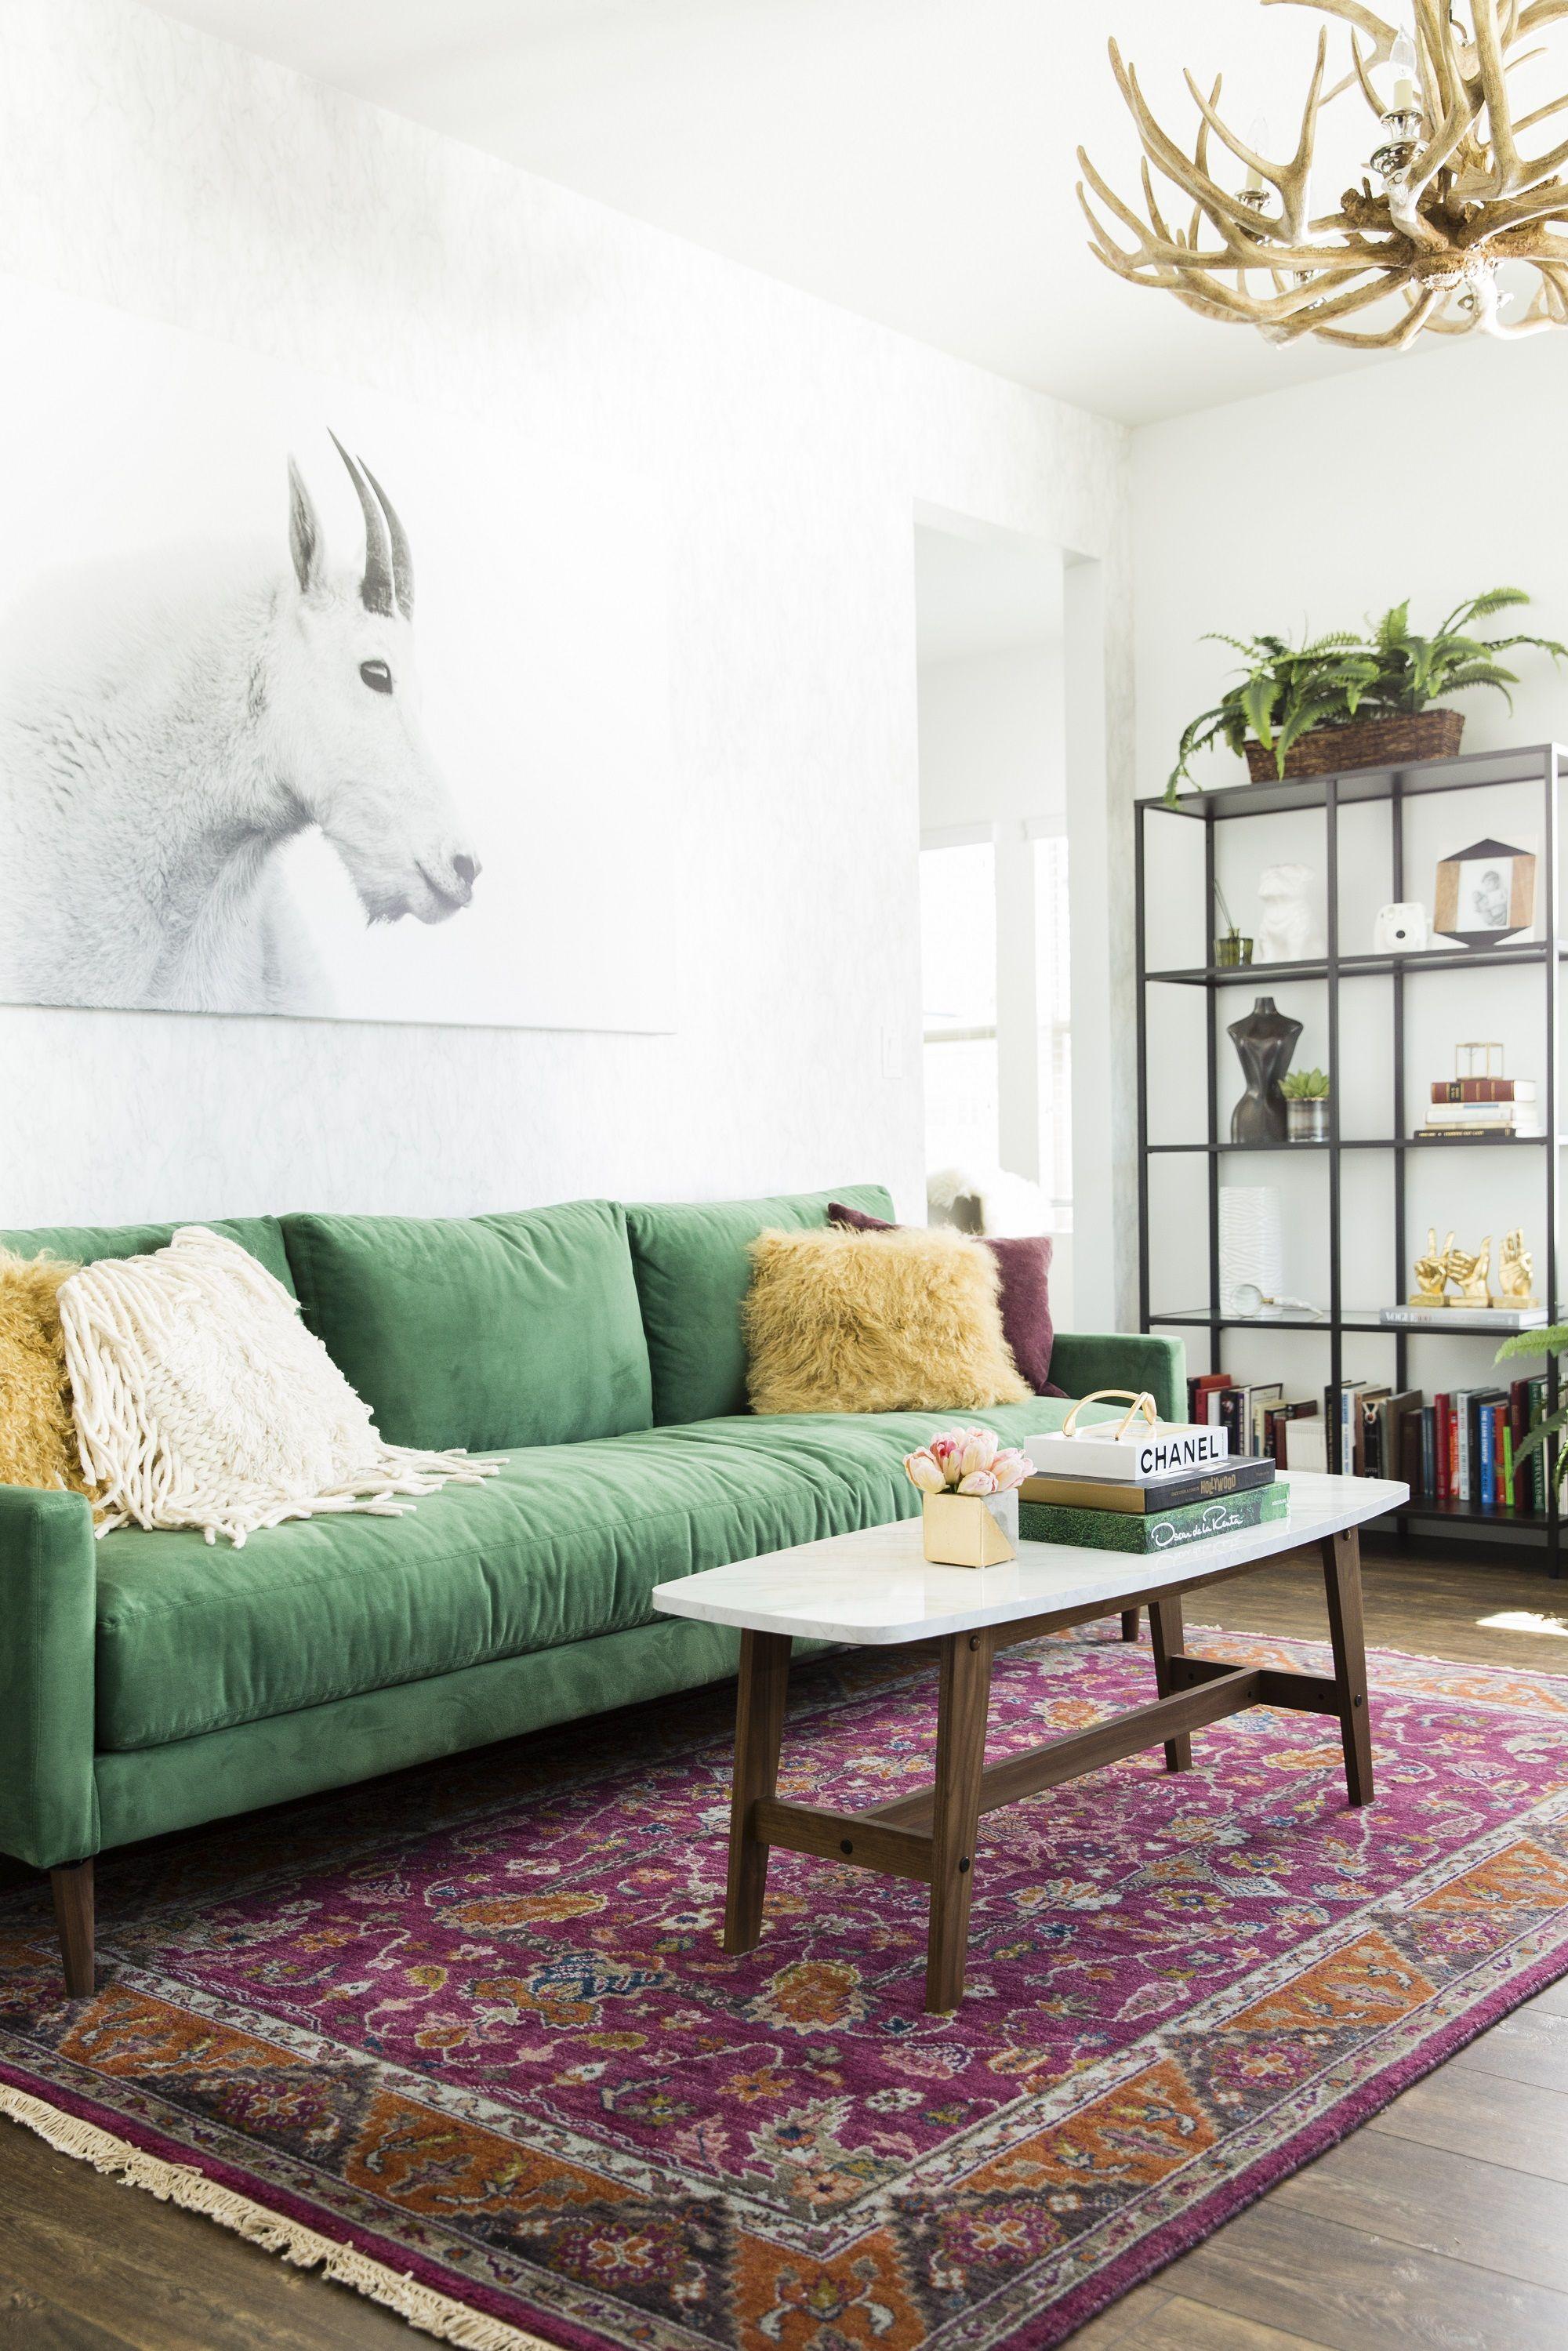 Joss Main X Cara Loren Shop Her Stylish Home Office